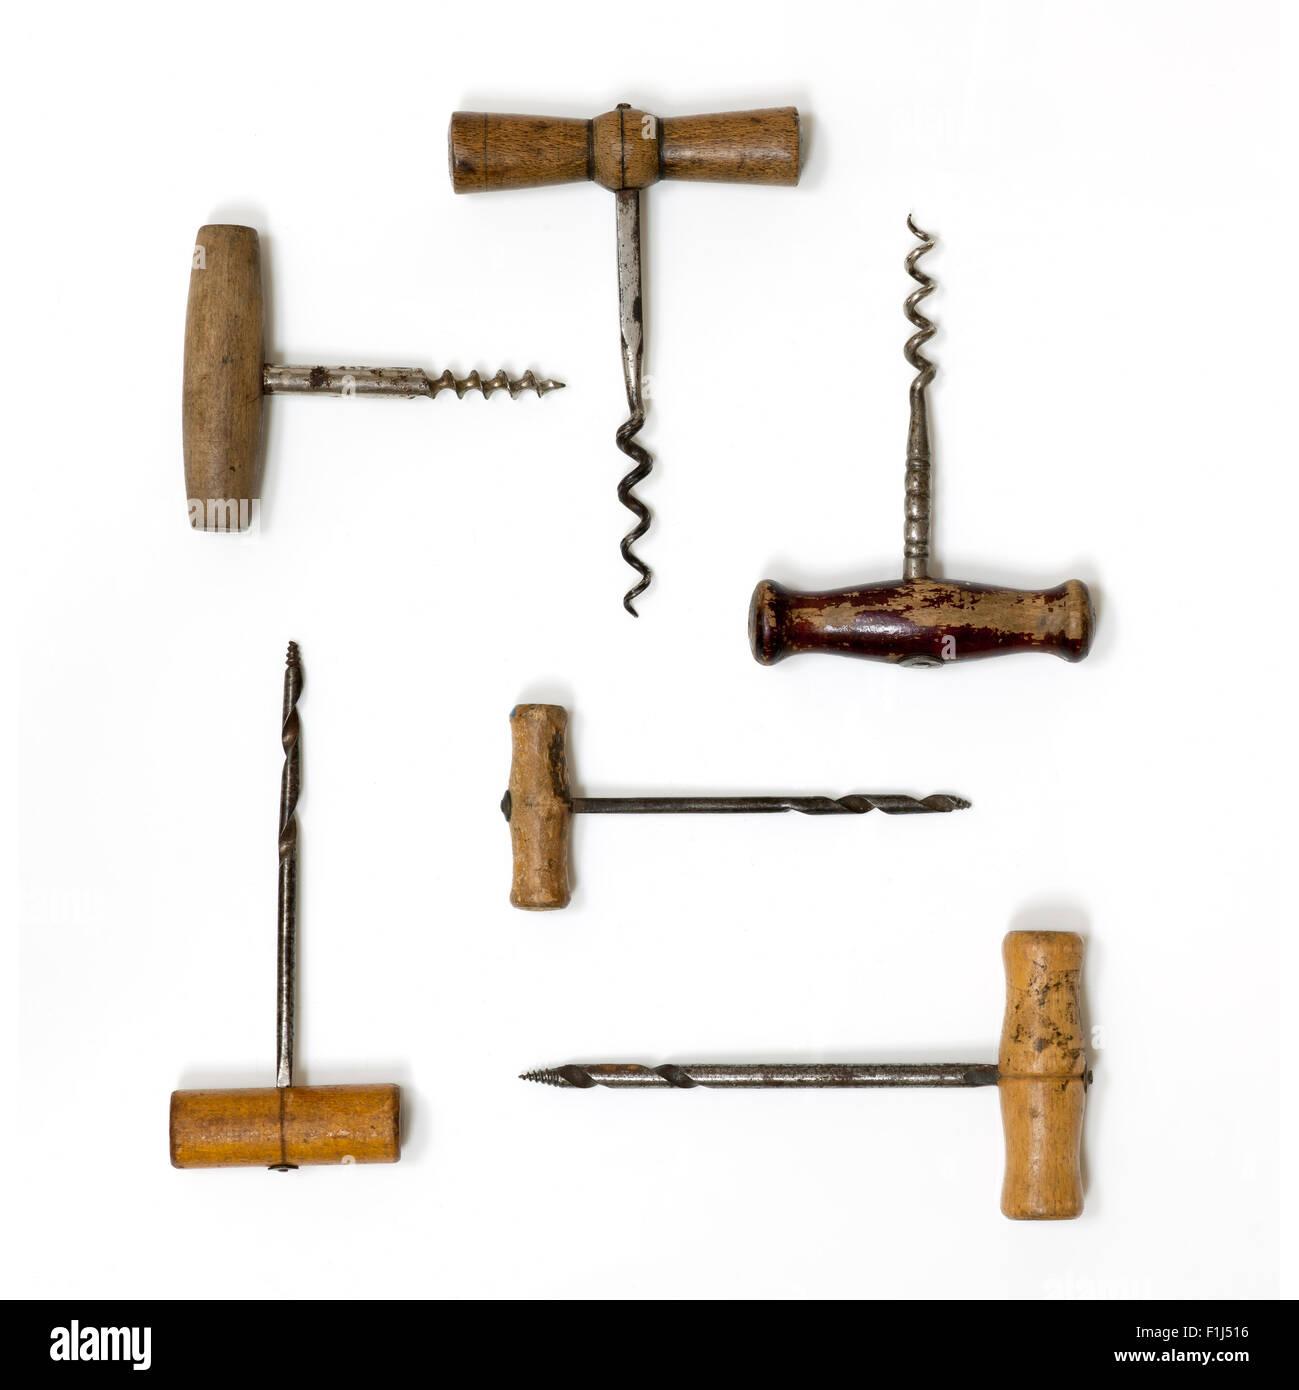 Old Vintage Corkscrews - Stock Image